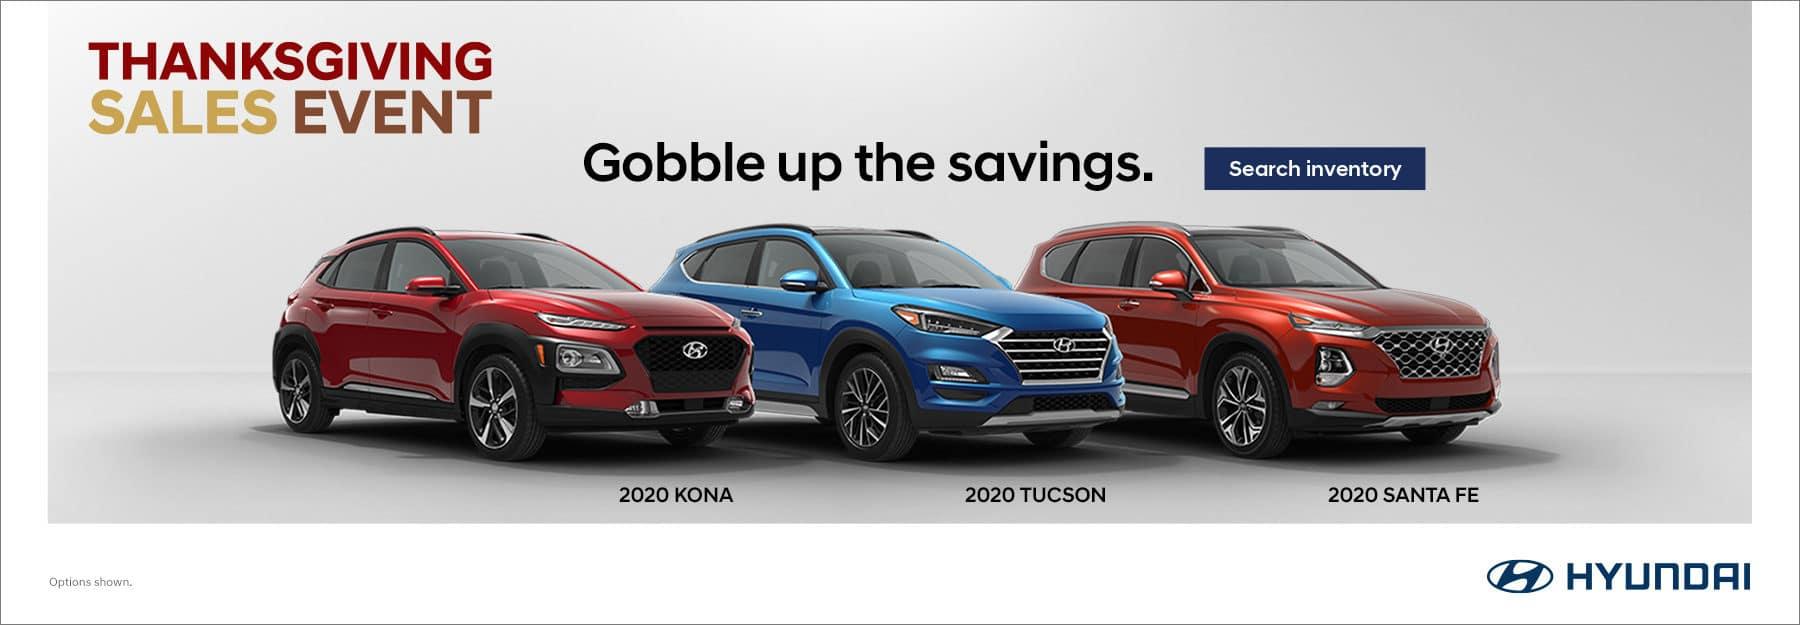 Hyundai Savings banner with 3 new models